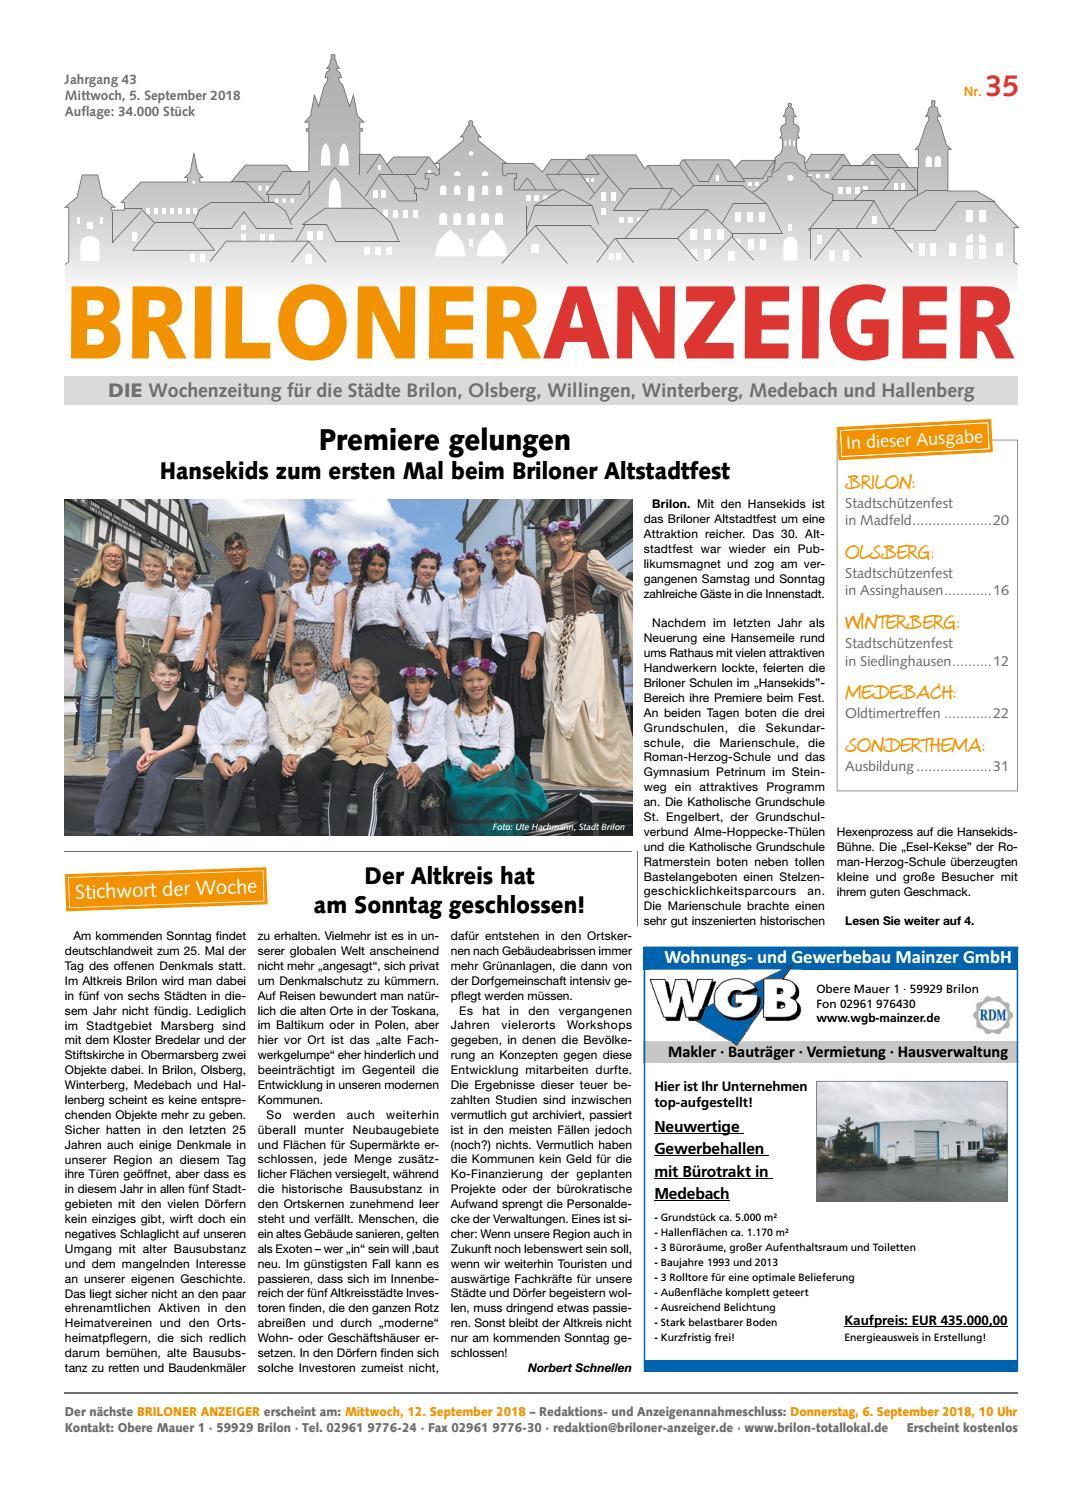 Briloner Anzeiger Ausgabe vom 05.09.208 Nr. 35 by Brilon-totallokal - issuu